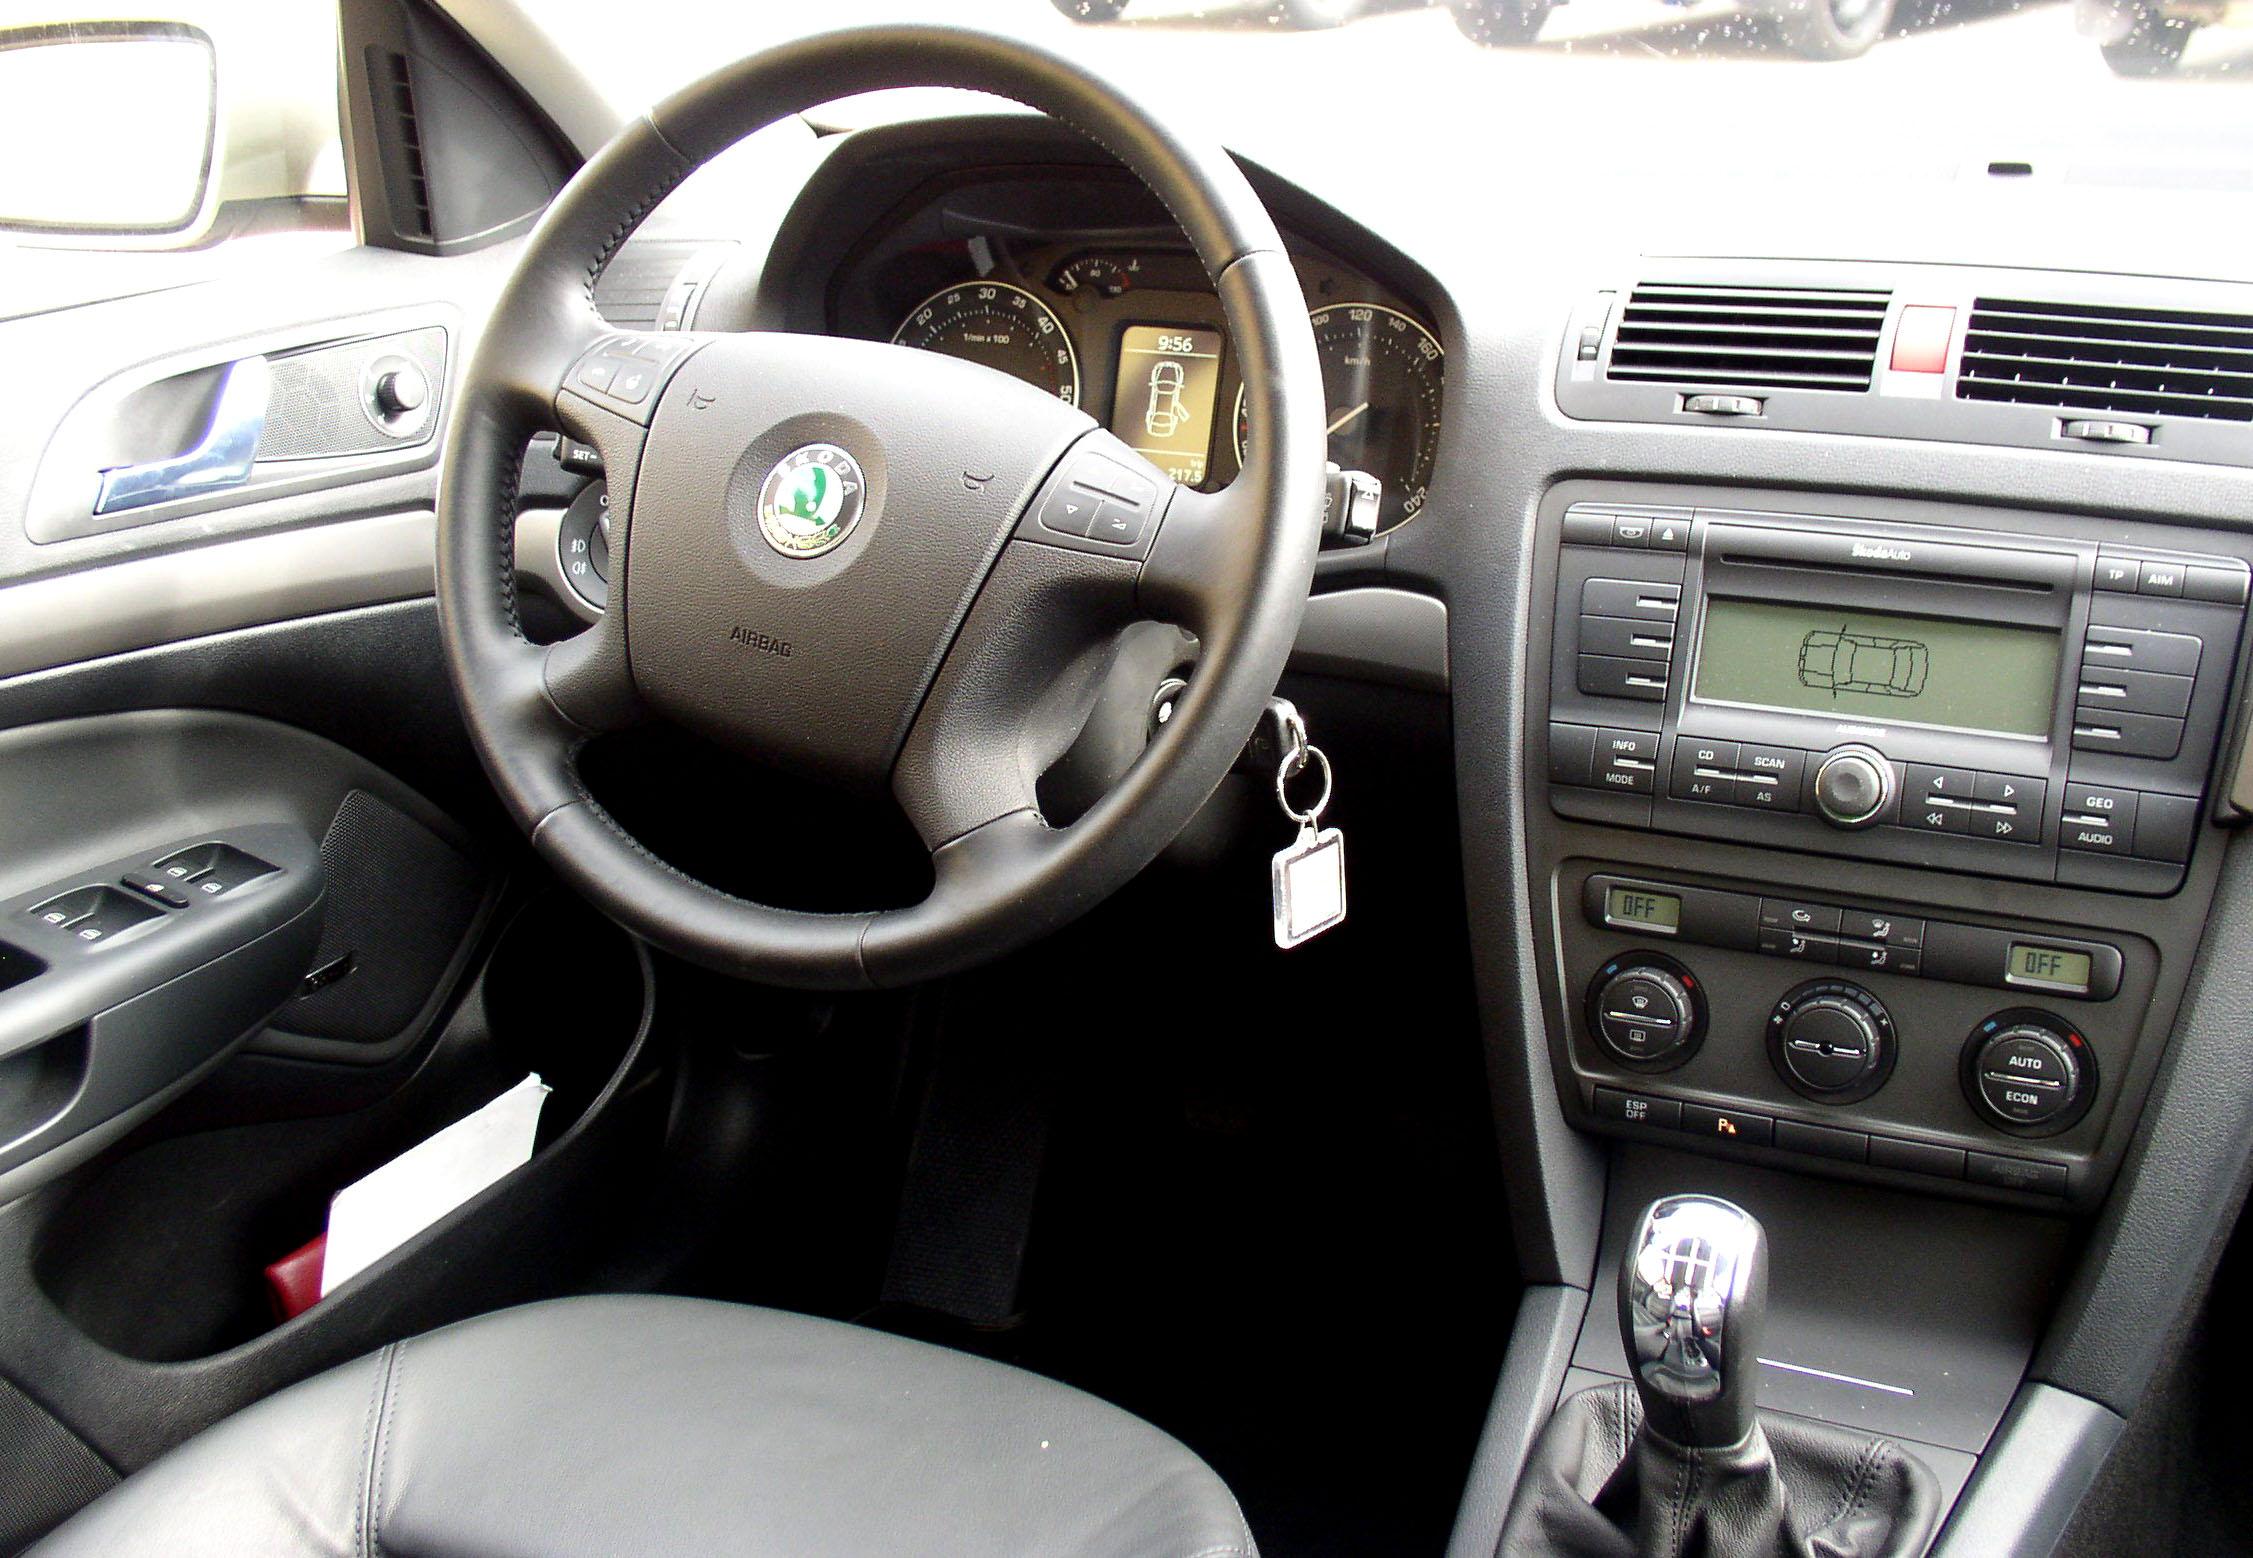 Škoda Octavia 2.0 TDI PD: rychle a přitom úsporně